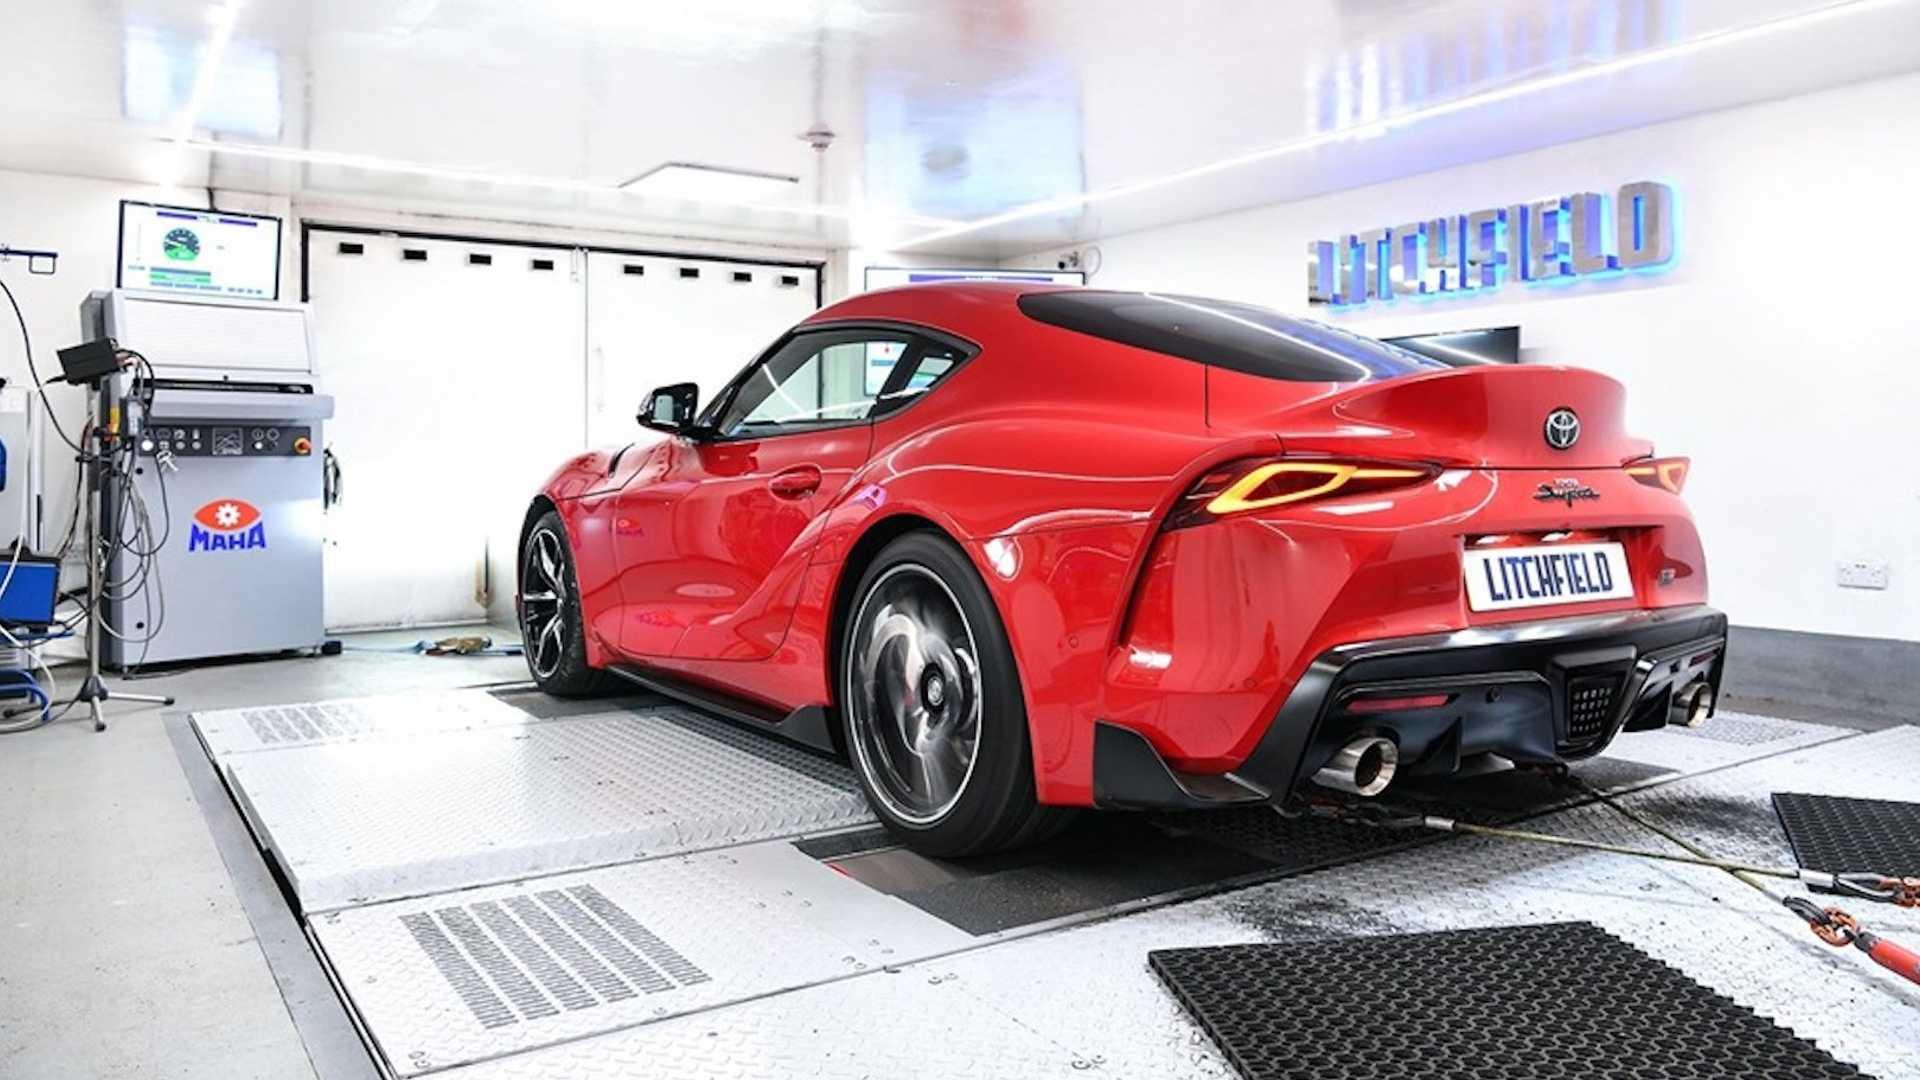 Litchfield Motors lleva al Toyota Supra 2020 a 425 CV con una reprogramación de la centralita